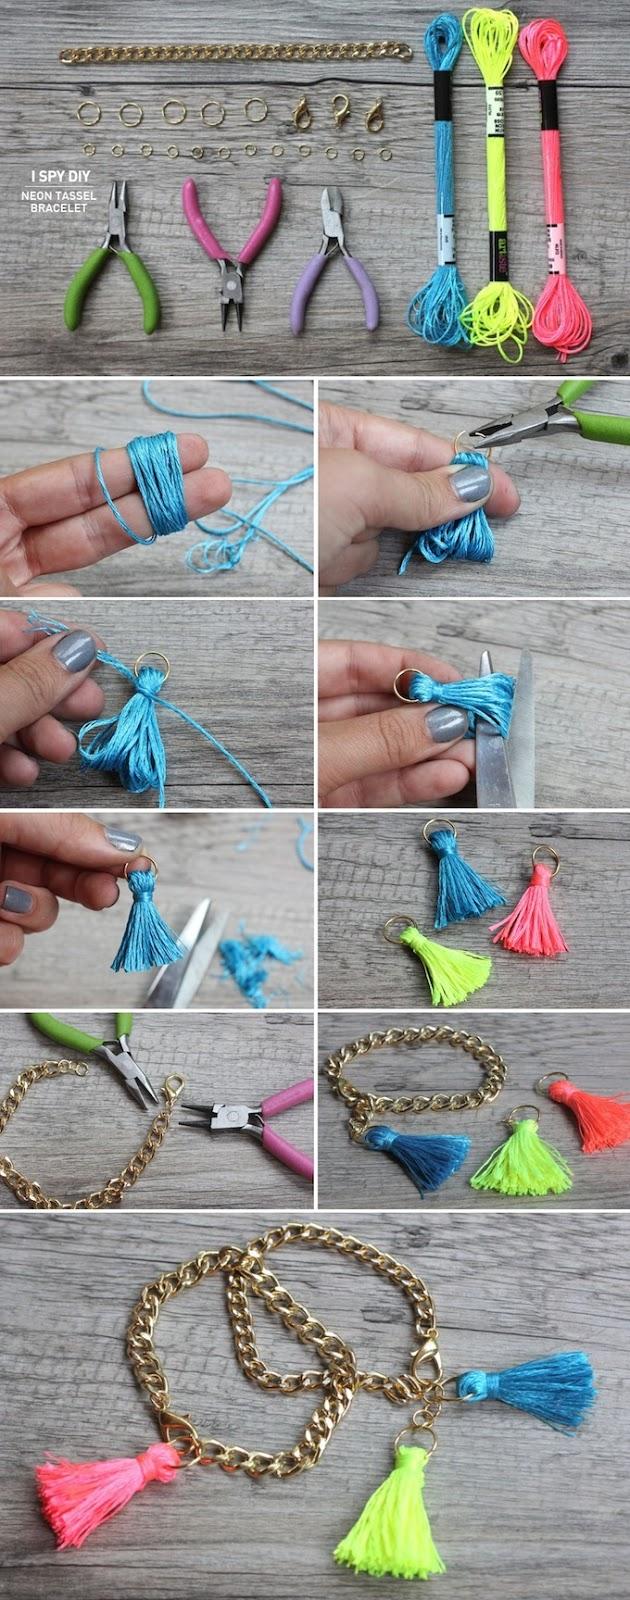 Otra técnica para hacer flecos o borlas